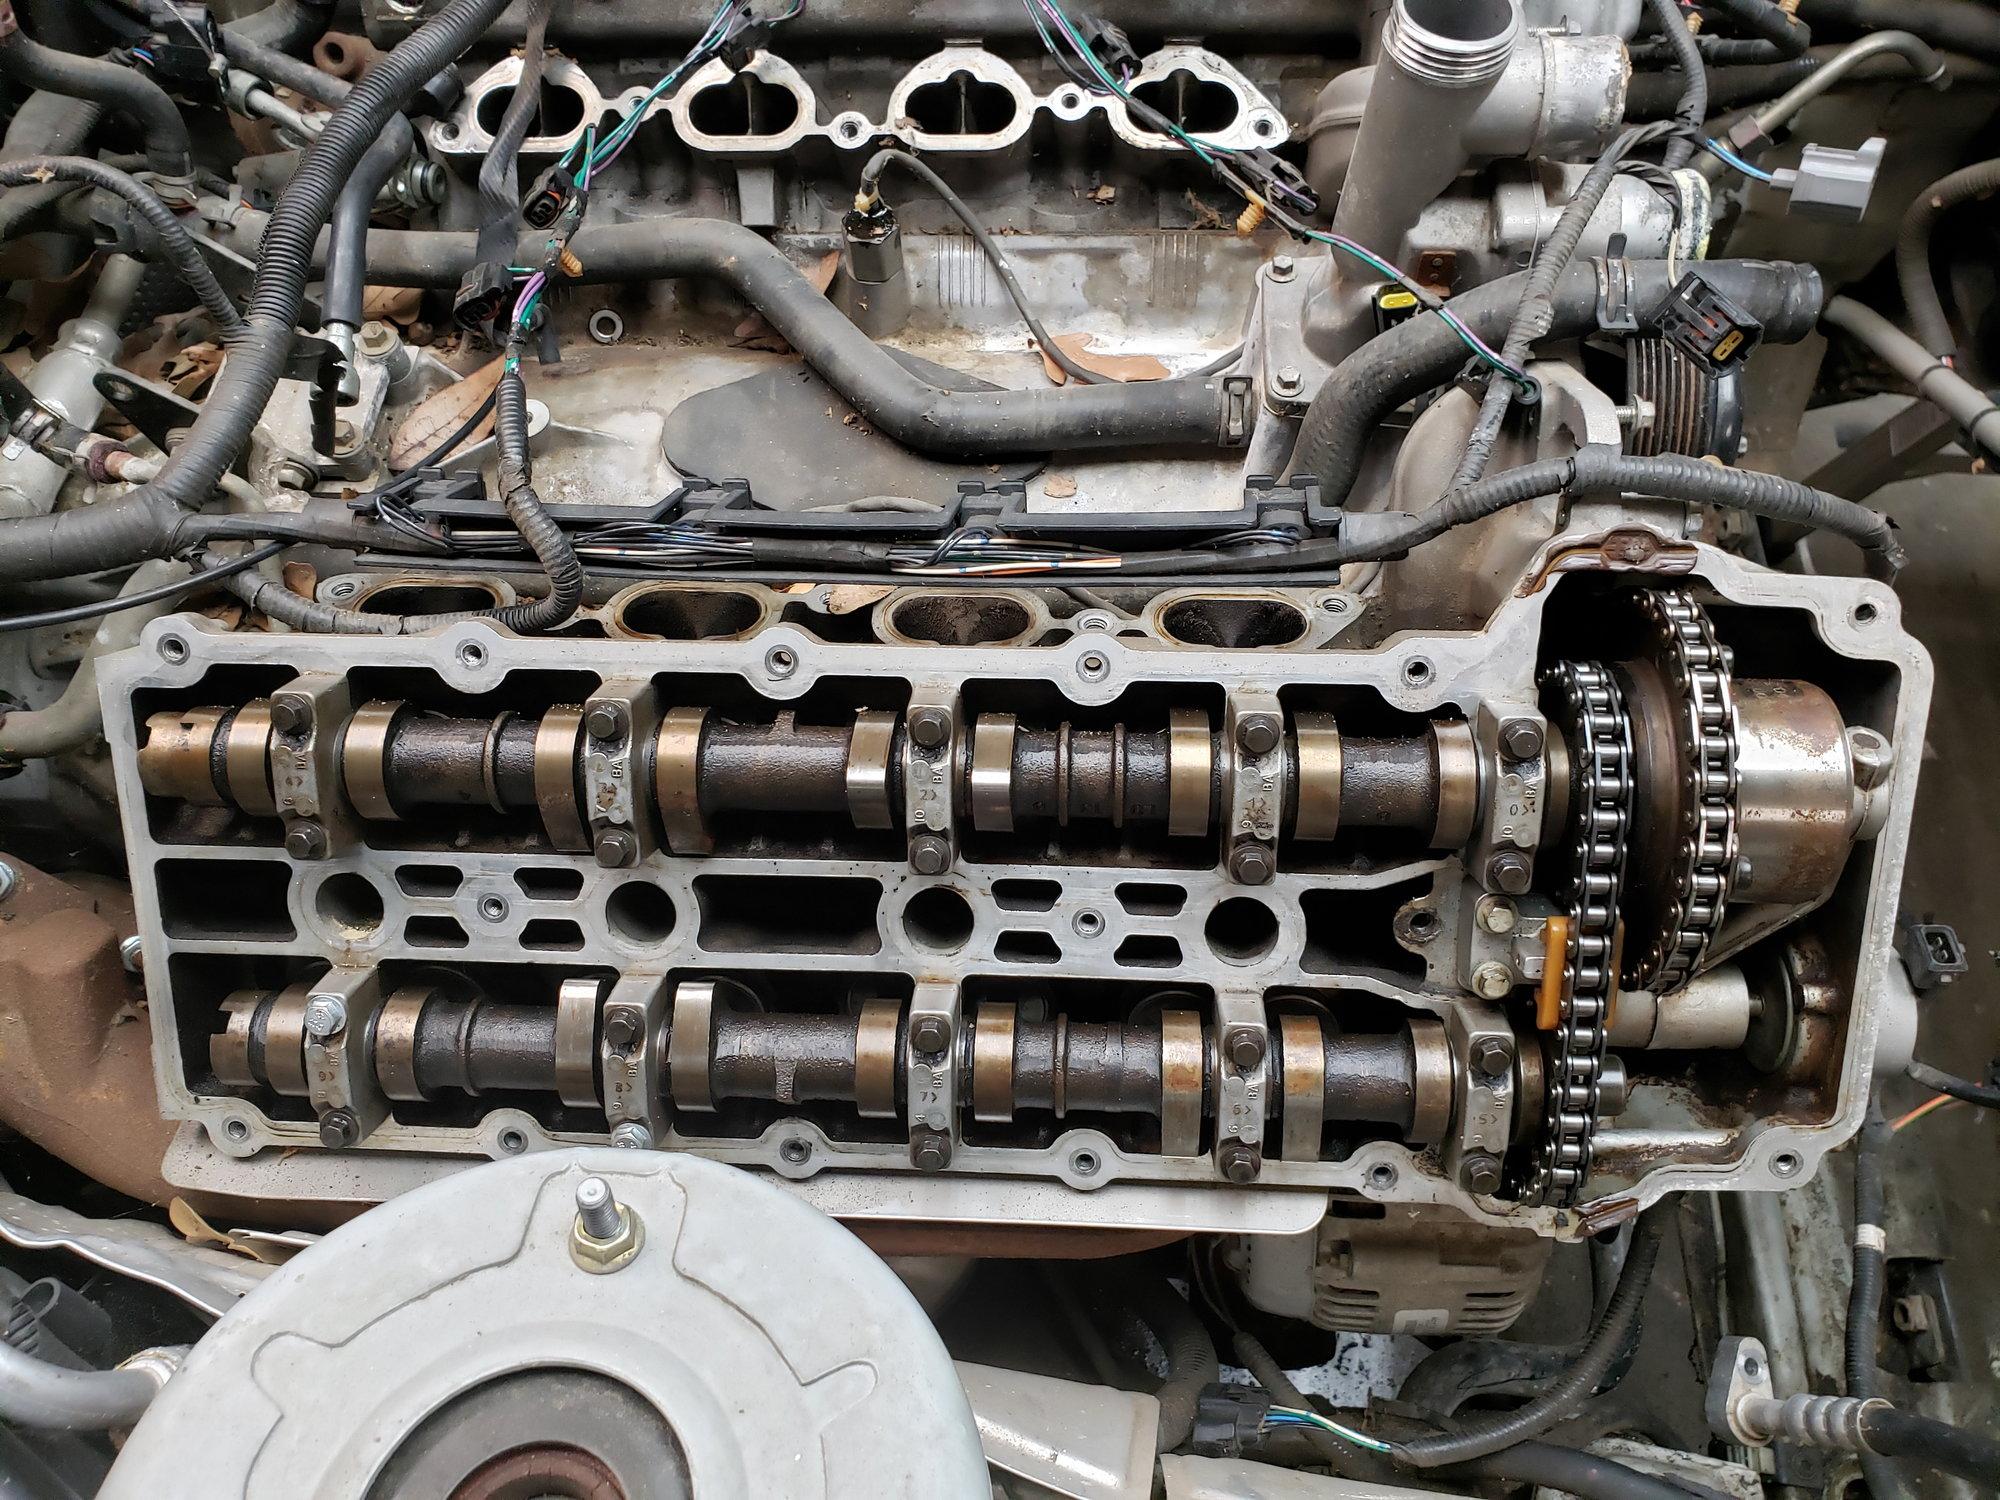 Jaguar XK8 97 98 LEFT CAMSHAFTS CAM SHAFT SET OF 2  4.0 V8 INTAKE /&  EXHAUST